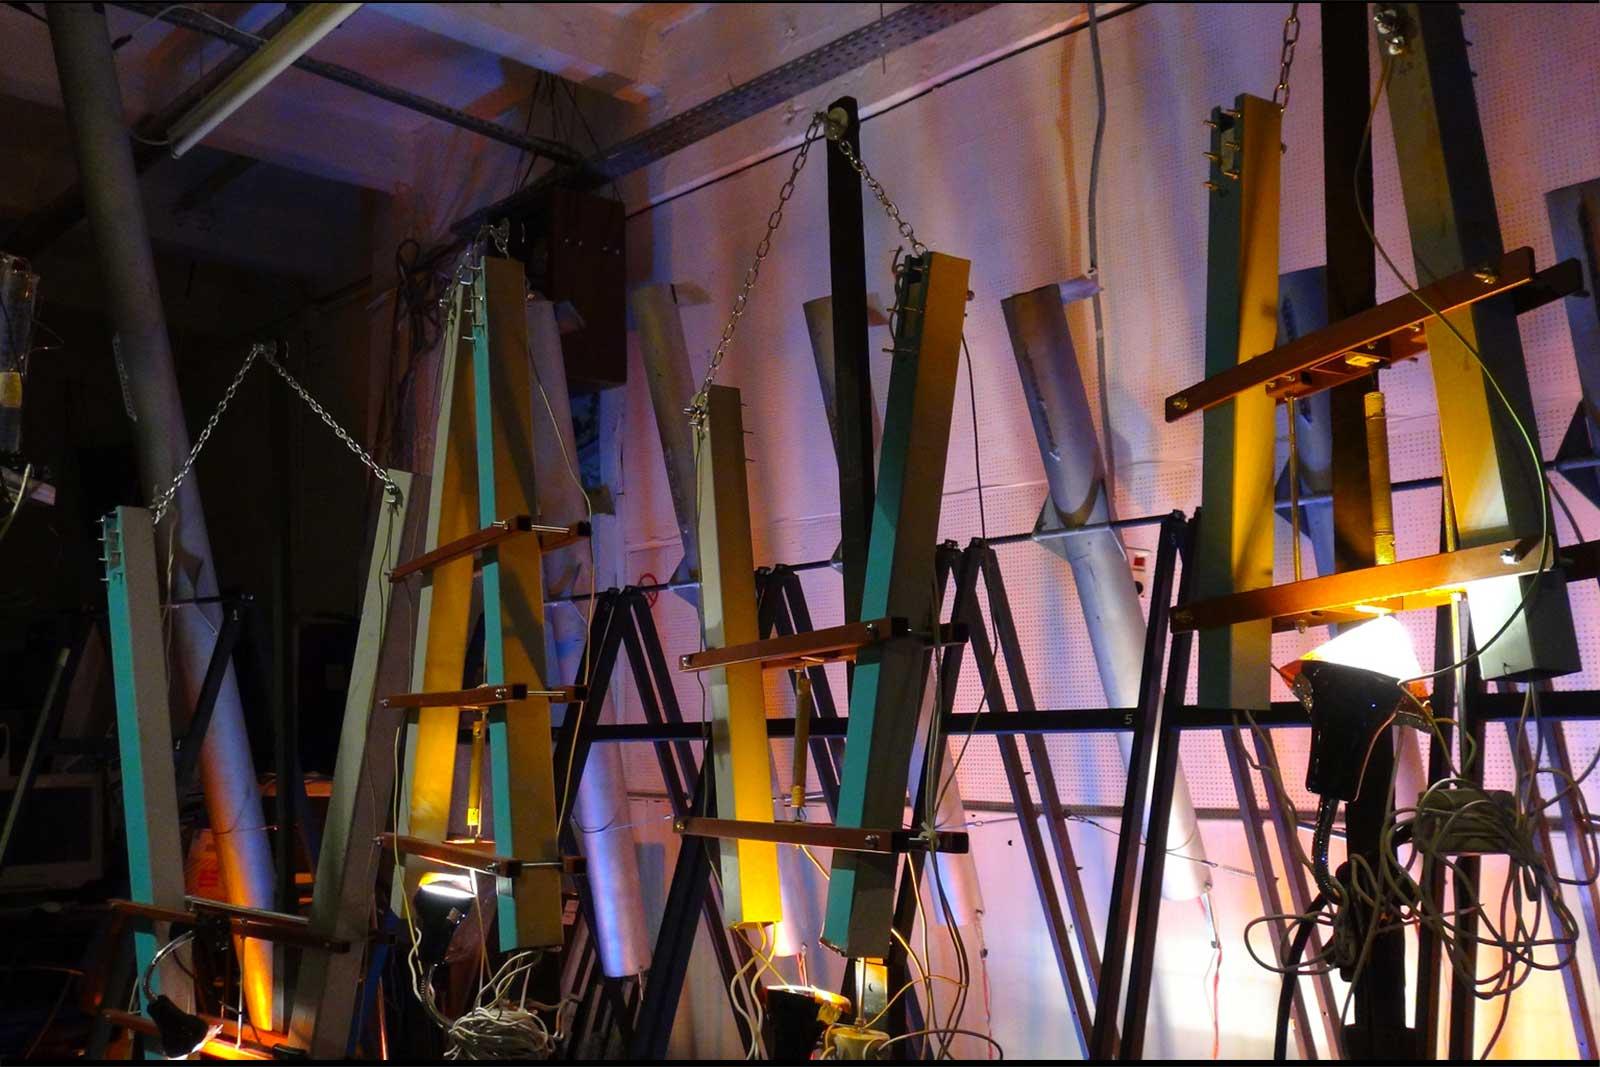 Thermophones verticaux, gris et bleus, colorés par lumières de spectacle sur fond rose-blanc